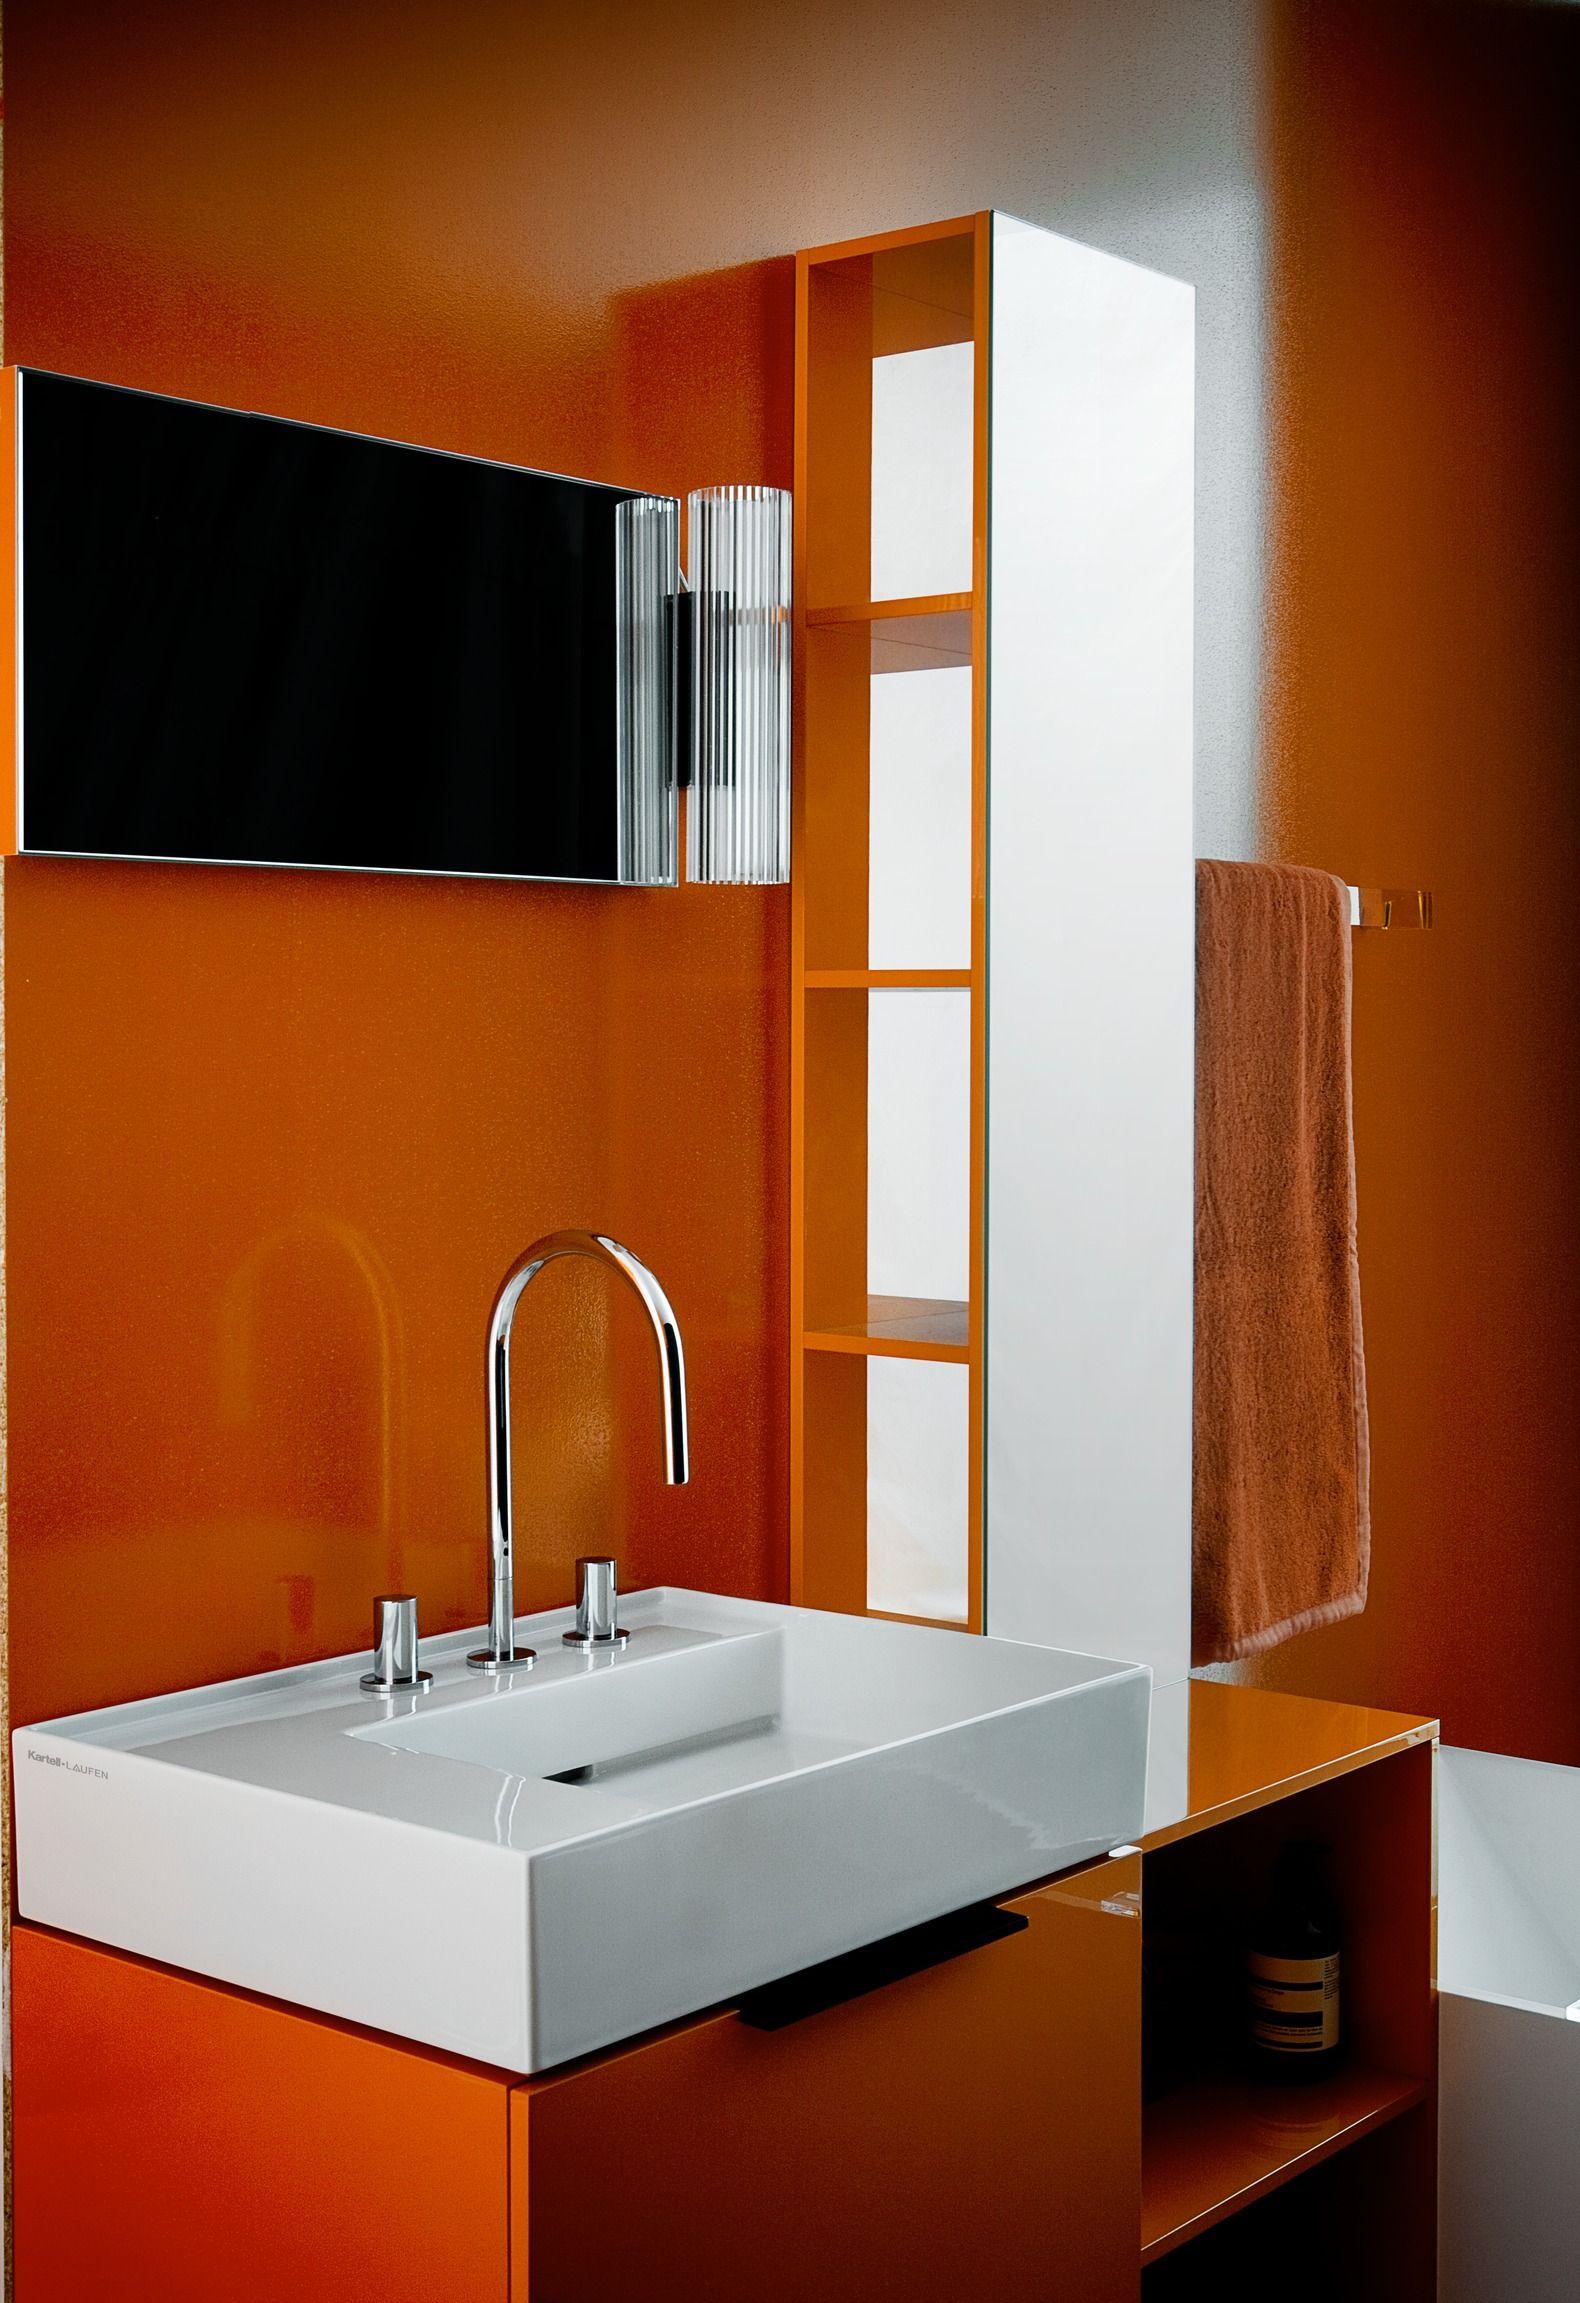 Kartell By Laufen Laufen Bathrooms Orange Bathrooms Bathroom Interior Design Modern Home Interior Design